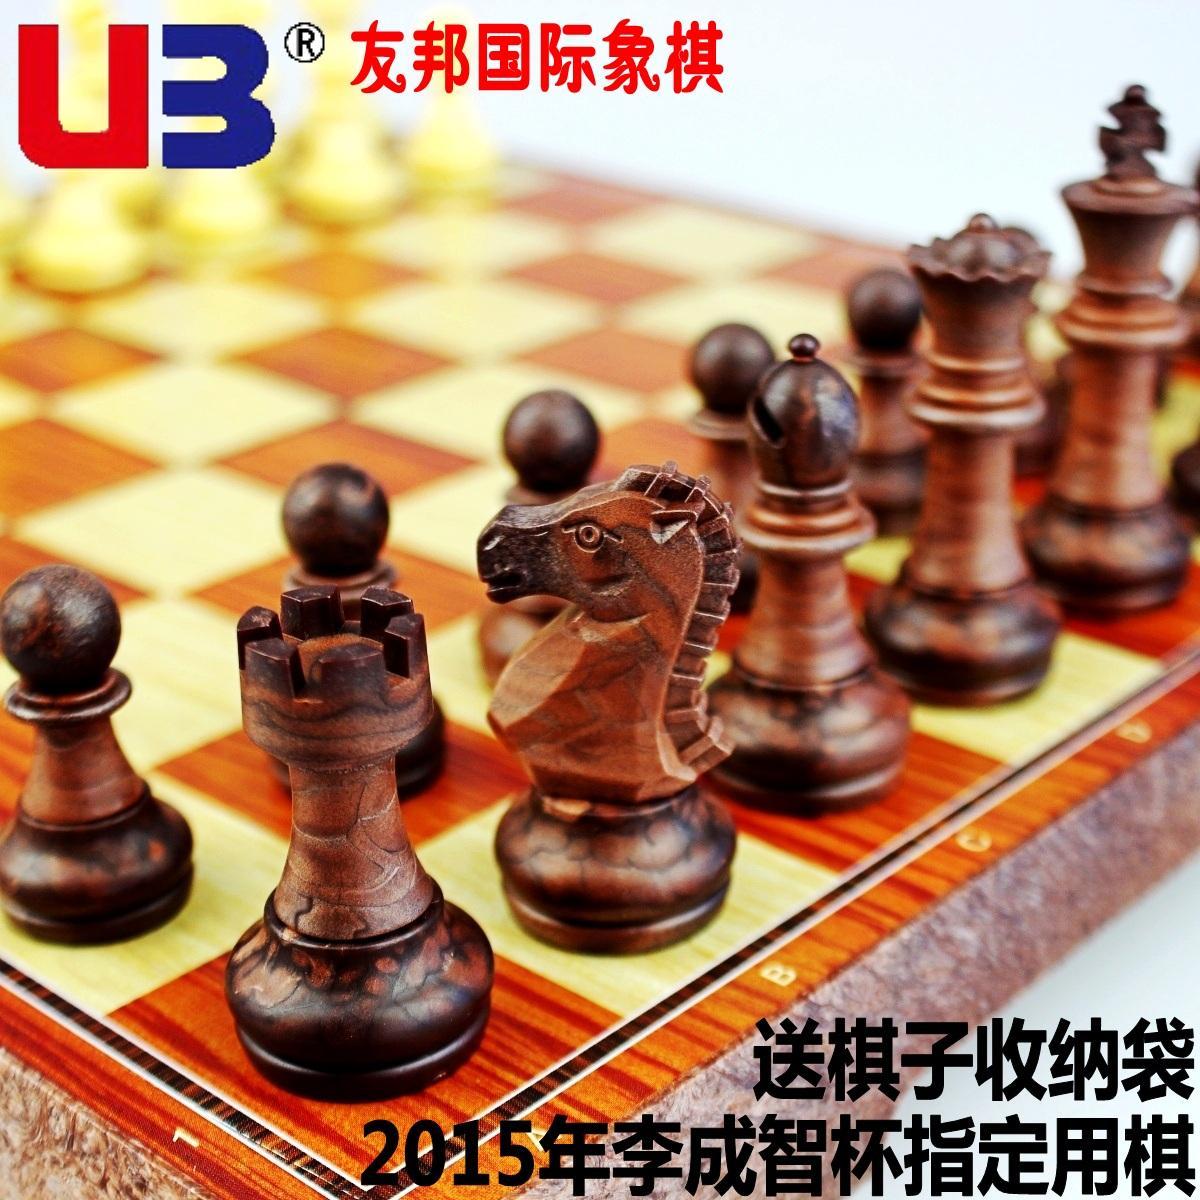 Друг государственный U3 шахматы магнитный кусок портативный сложить шахматная доска ребенок высококачественный слива чашка конкуренция использование шахматы